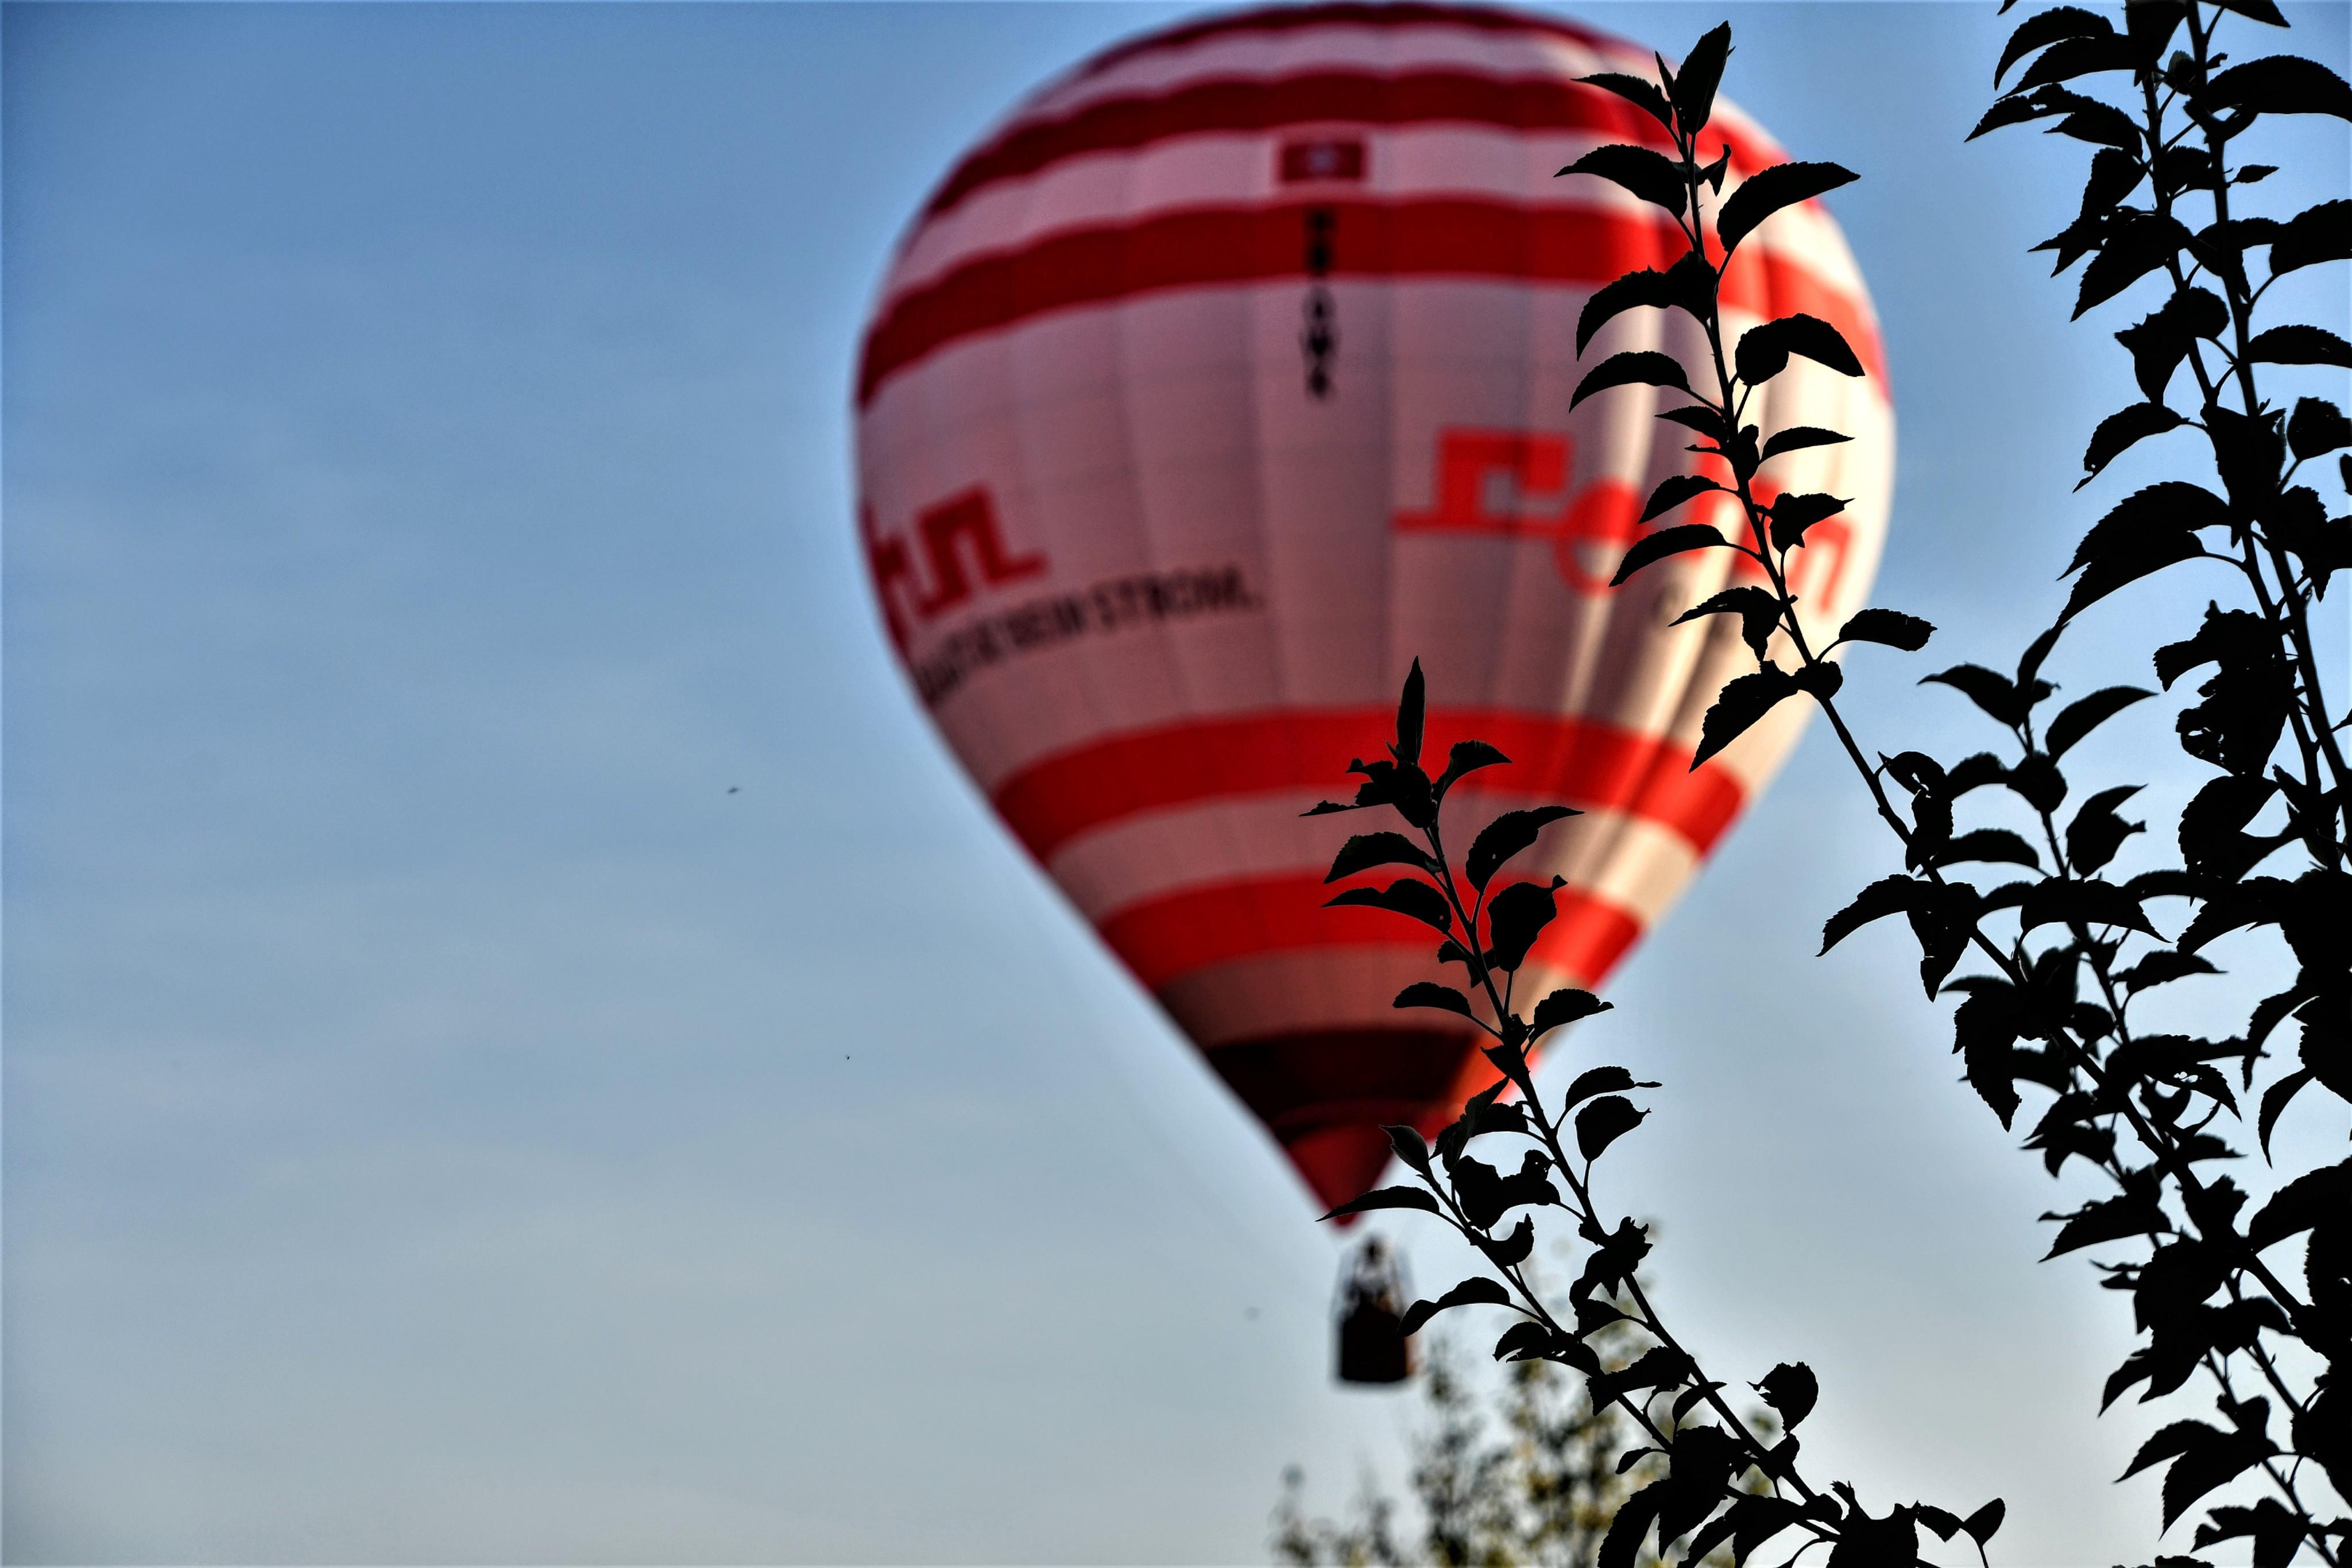 hot-air-balloon-over-the-estate-21.09-4